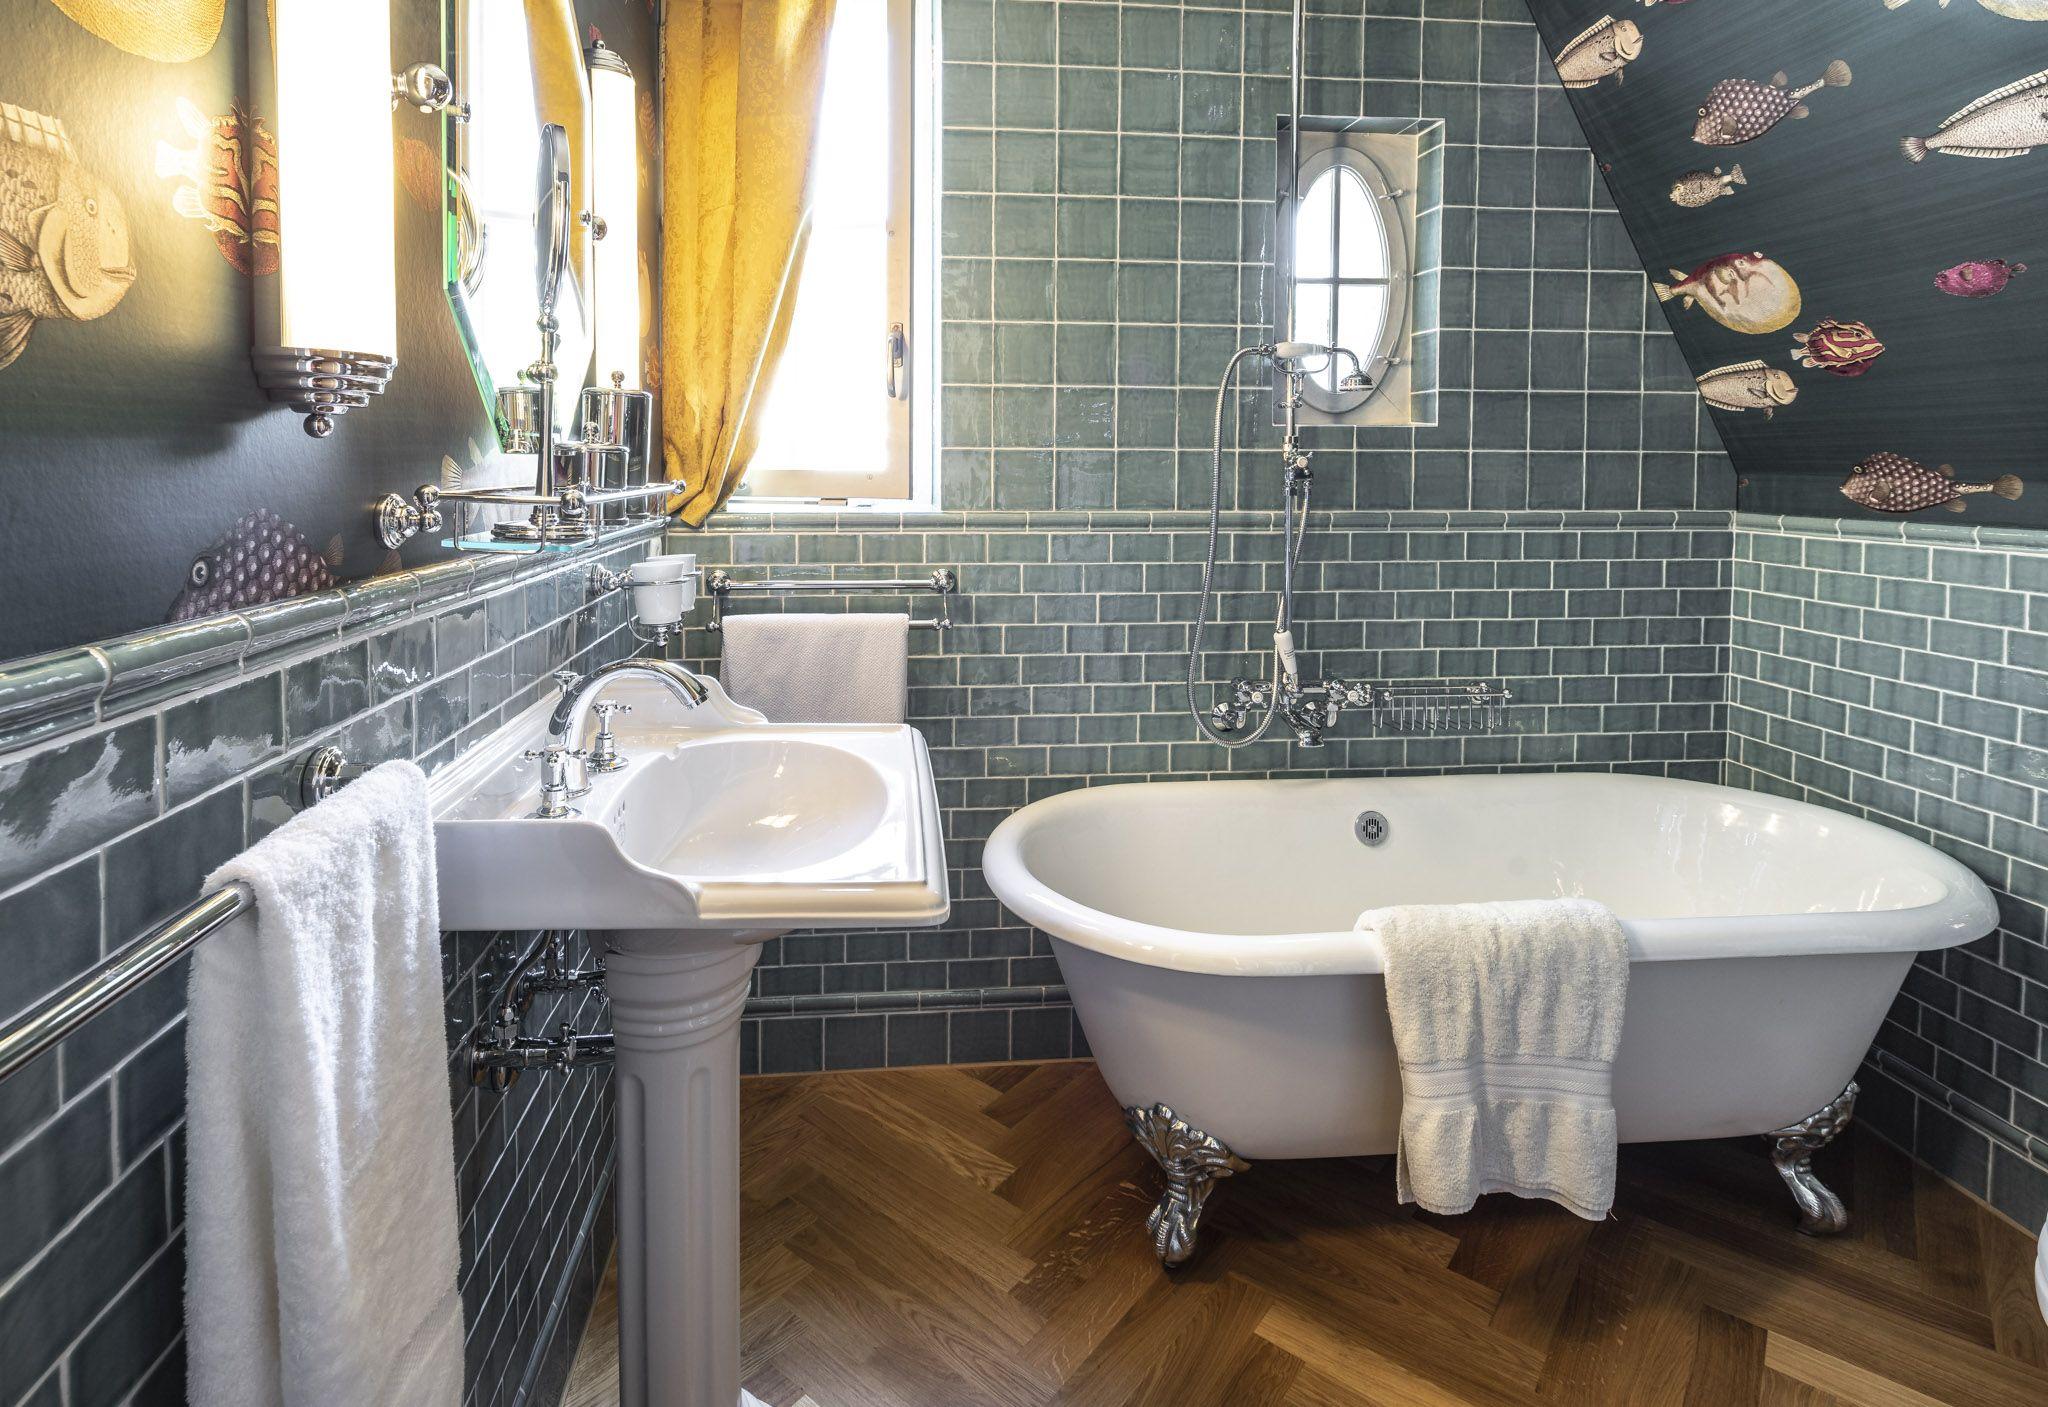 Vintage Bad Badezimmer Traditionelle Bader Gusseisen Badewanne